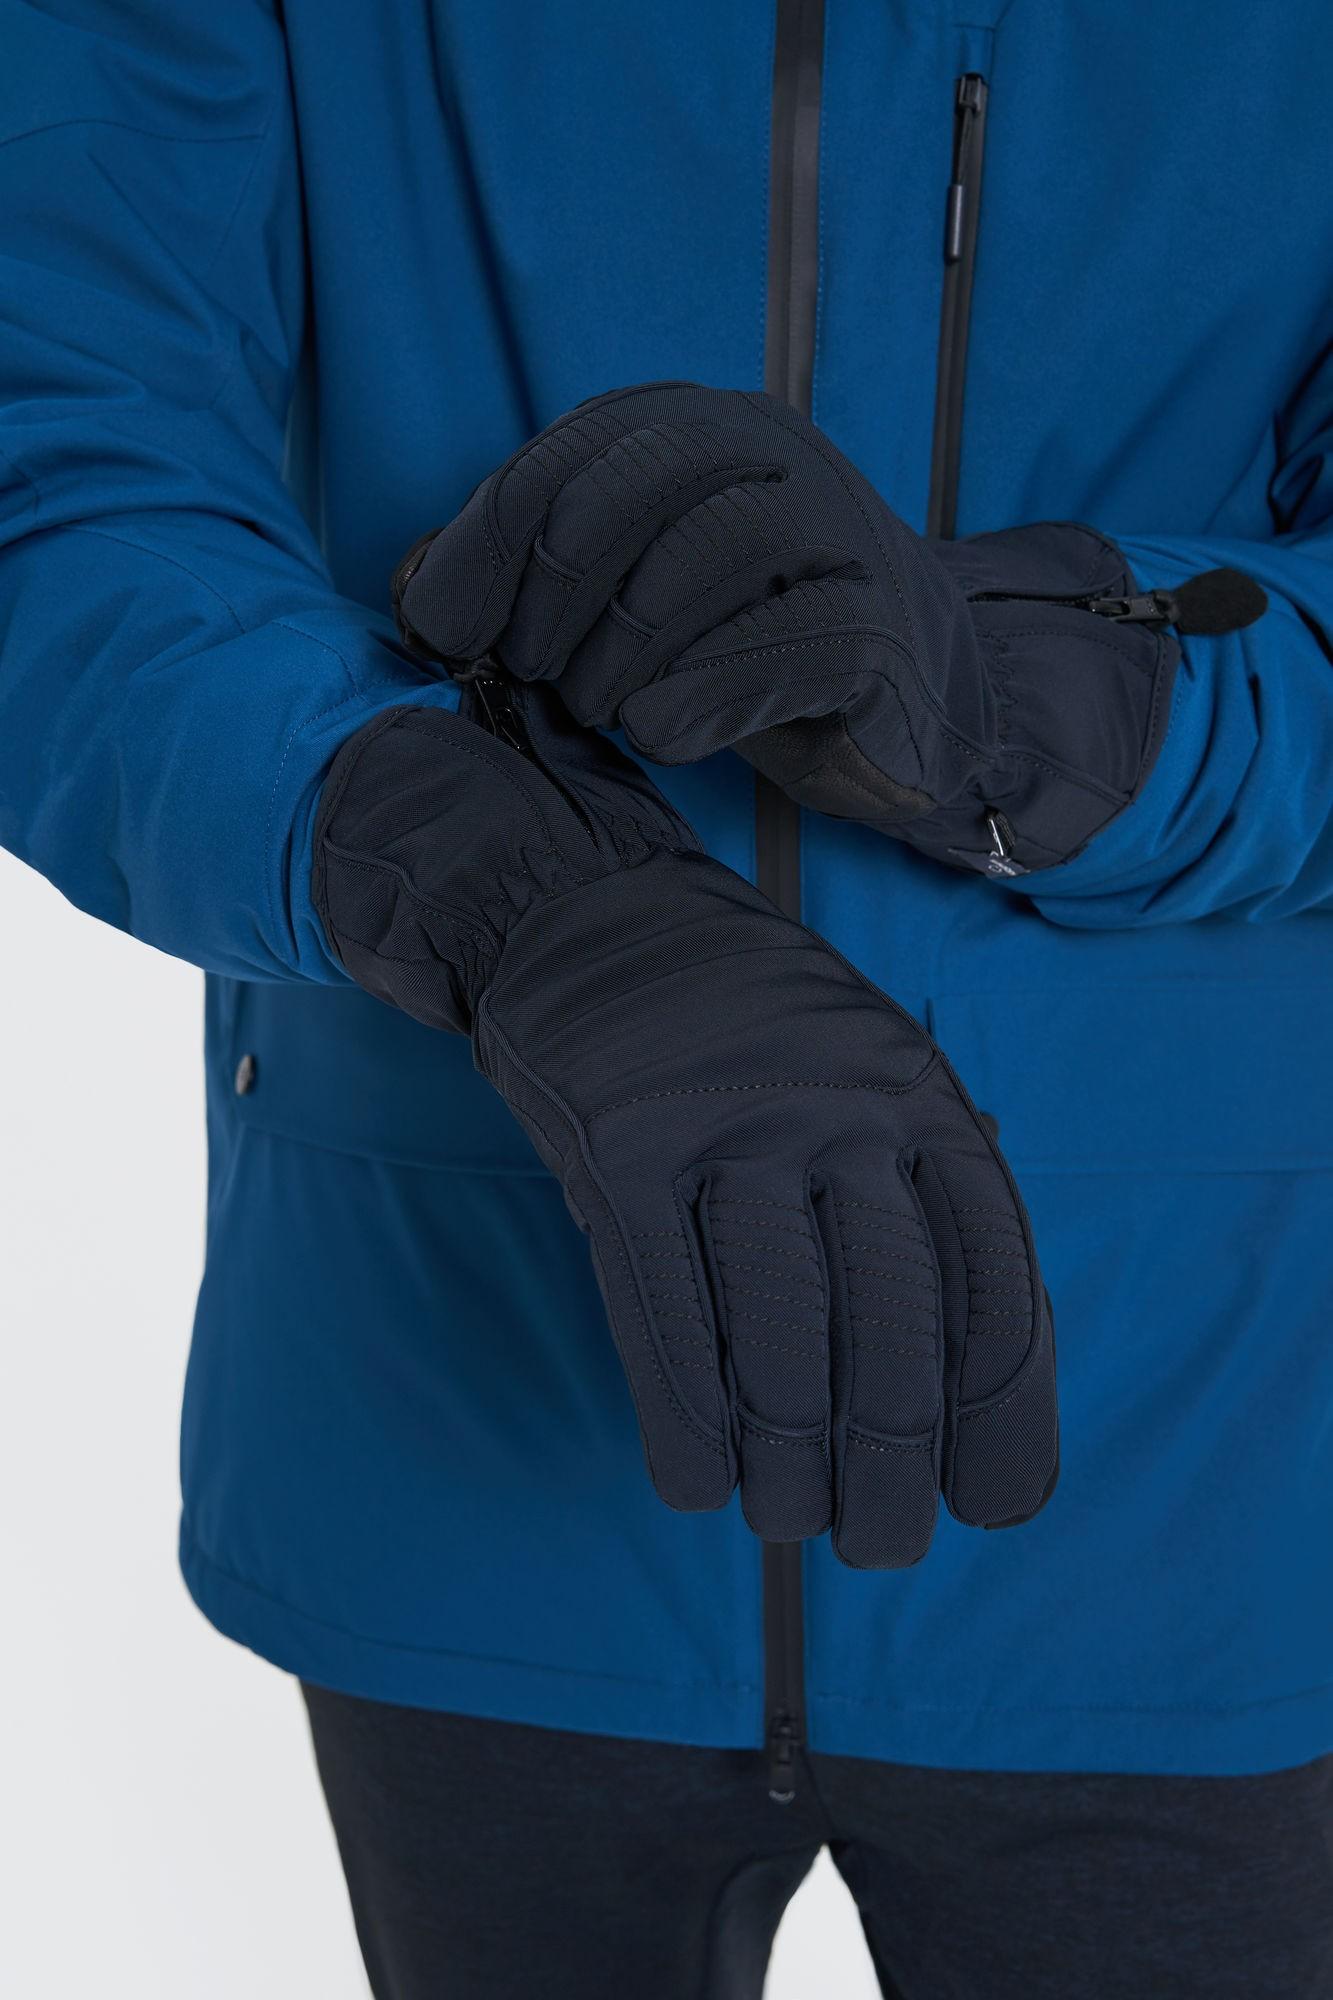 AUDIMAS Vyriškos pirštinės slidinėjimui 1-08-12 Black XL